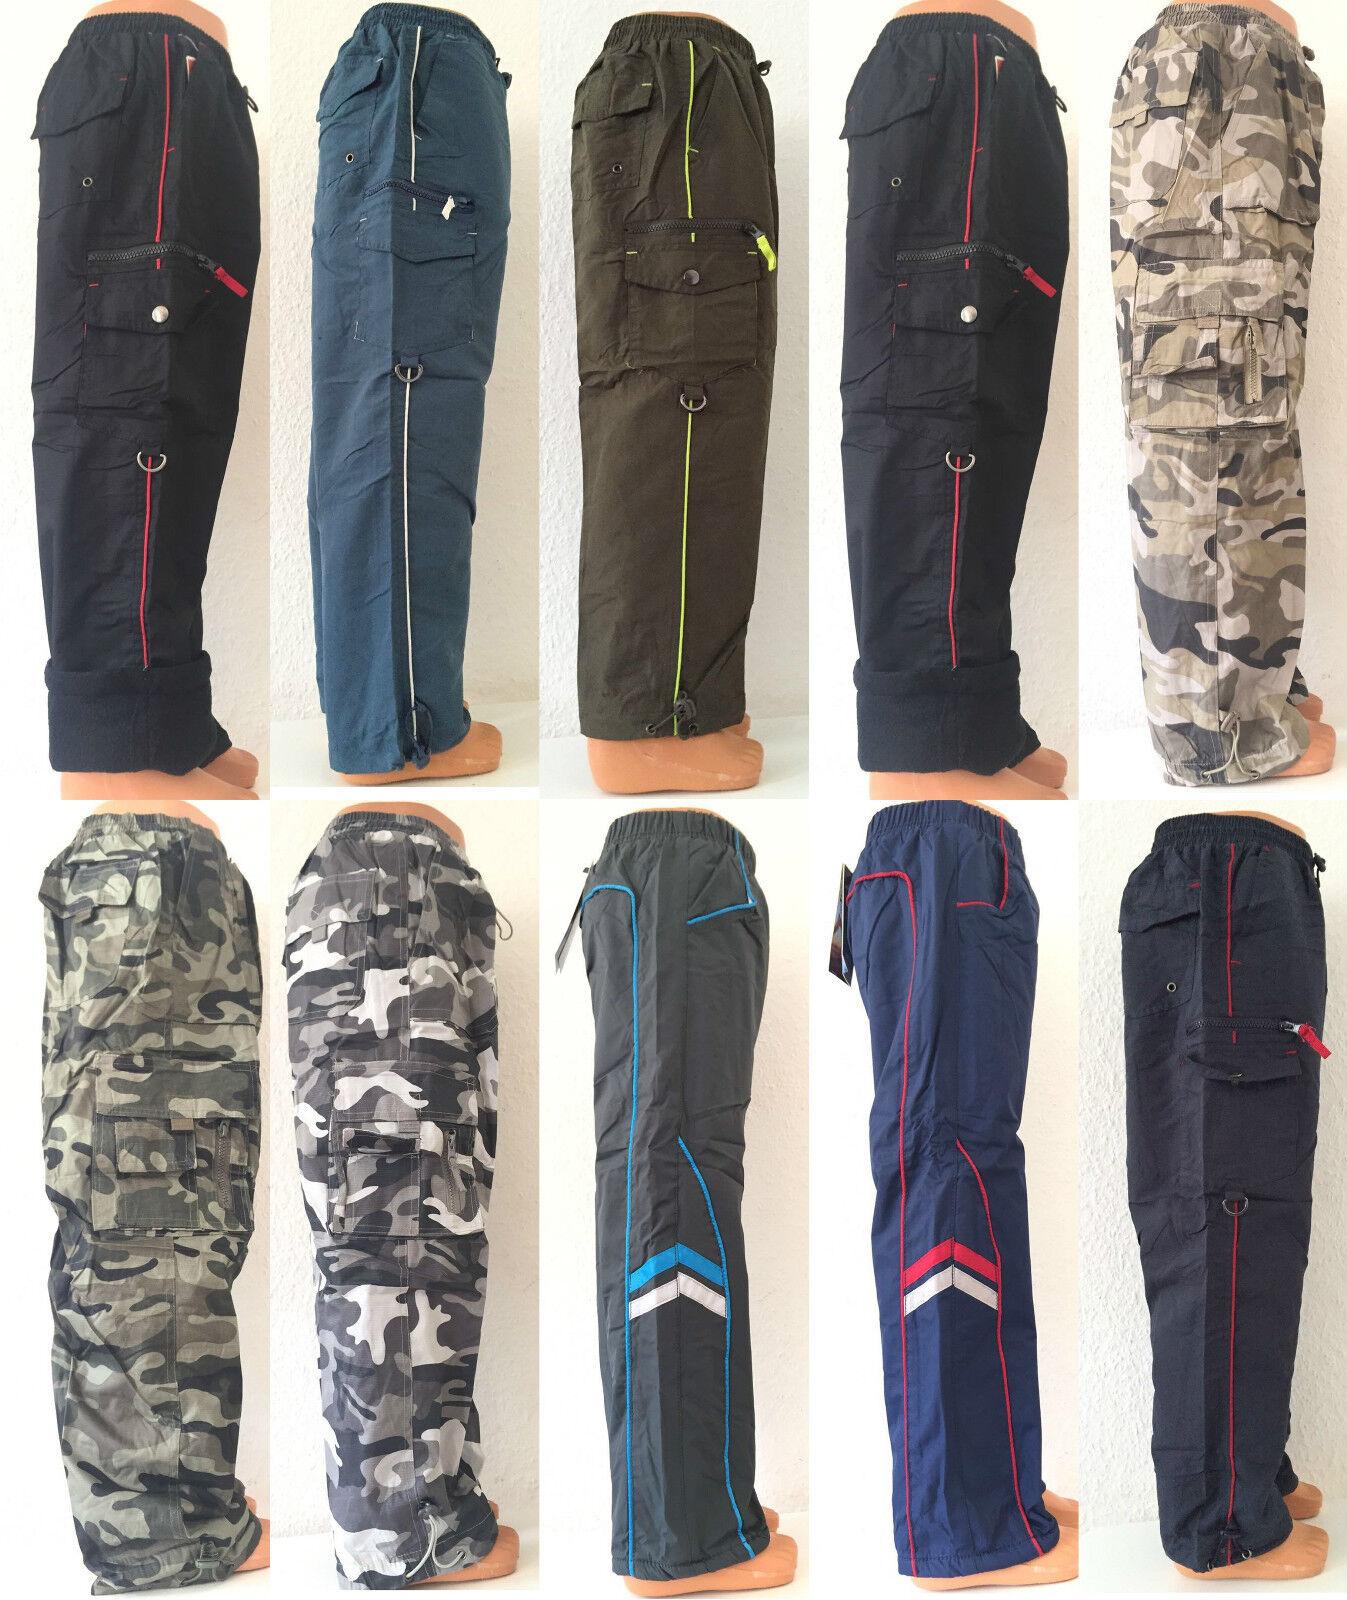 Kinder Winterhose Schneehose Gr 92-158 Thermohose Regenhose Jungen Skihose